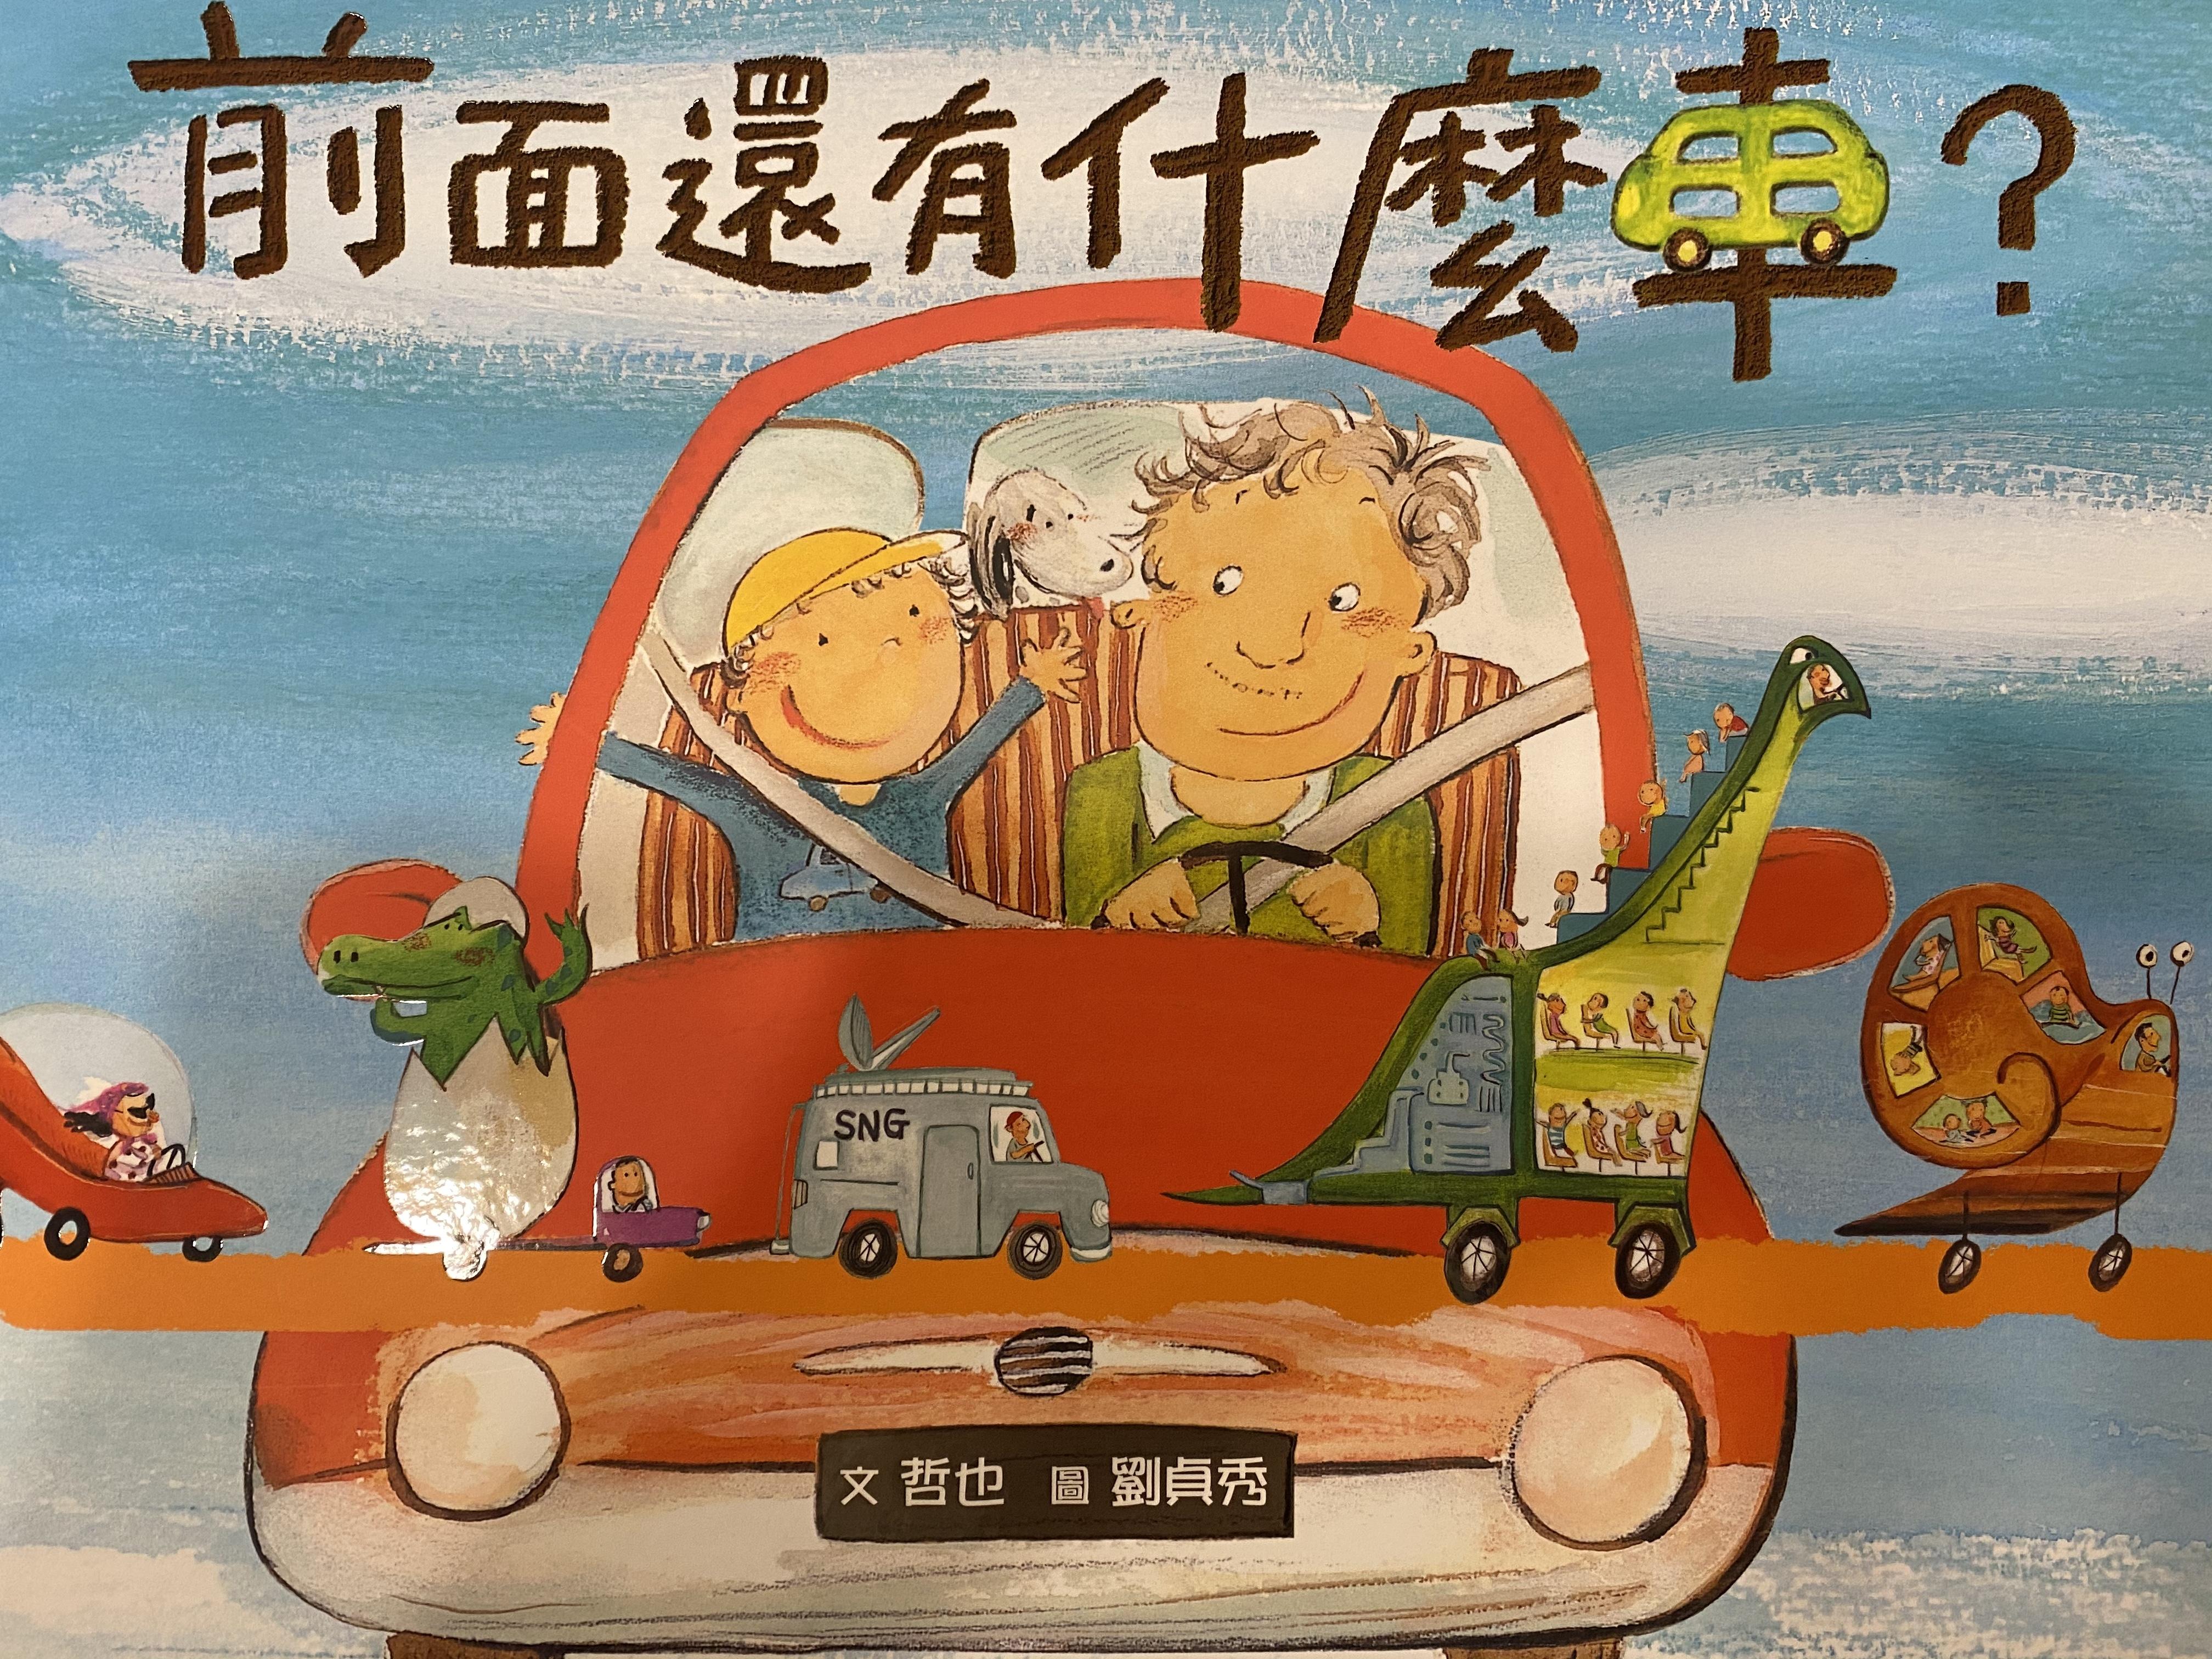 S3-161/ 前面還有什麼車?/ 文 哲也/ 圖 劉貞秀/ 小魯創作繪本